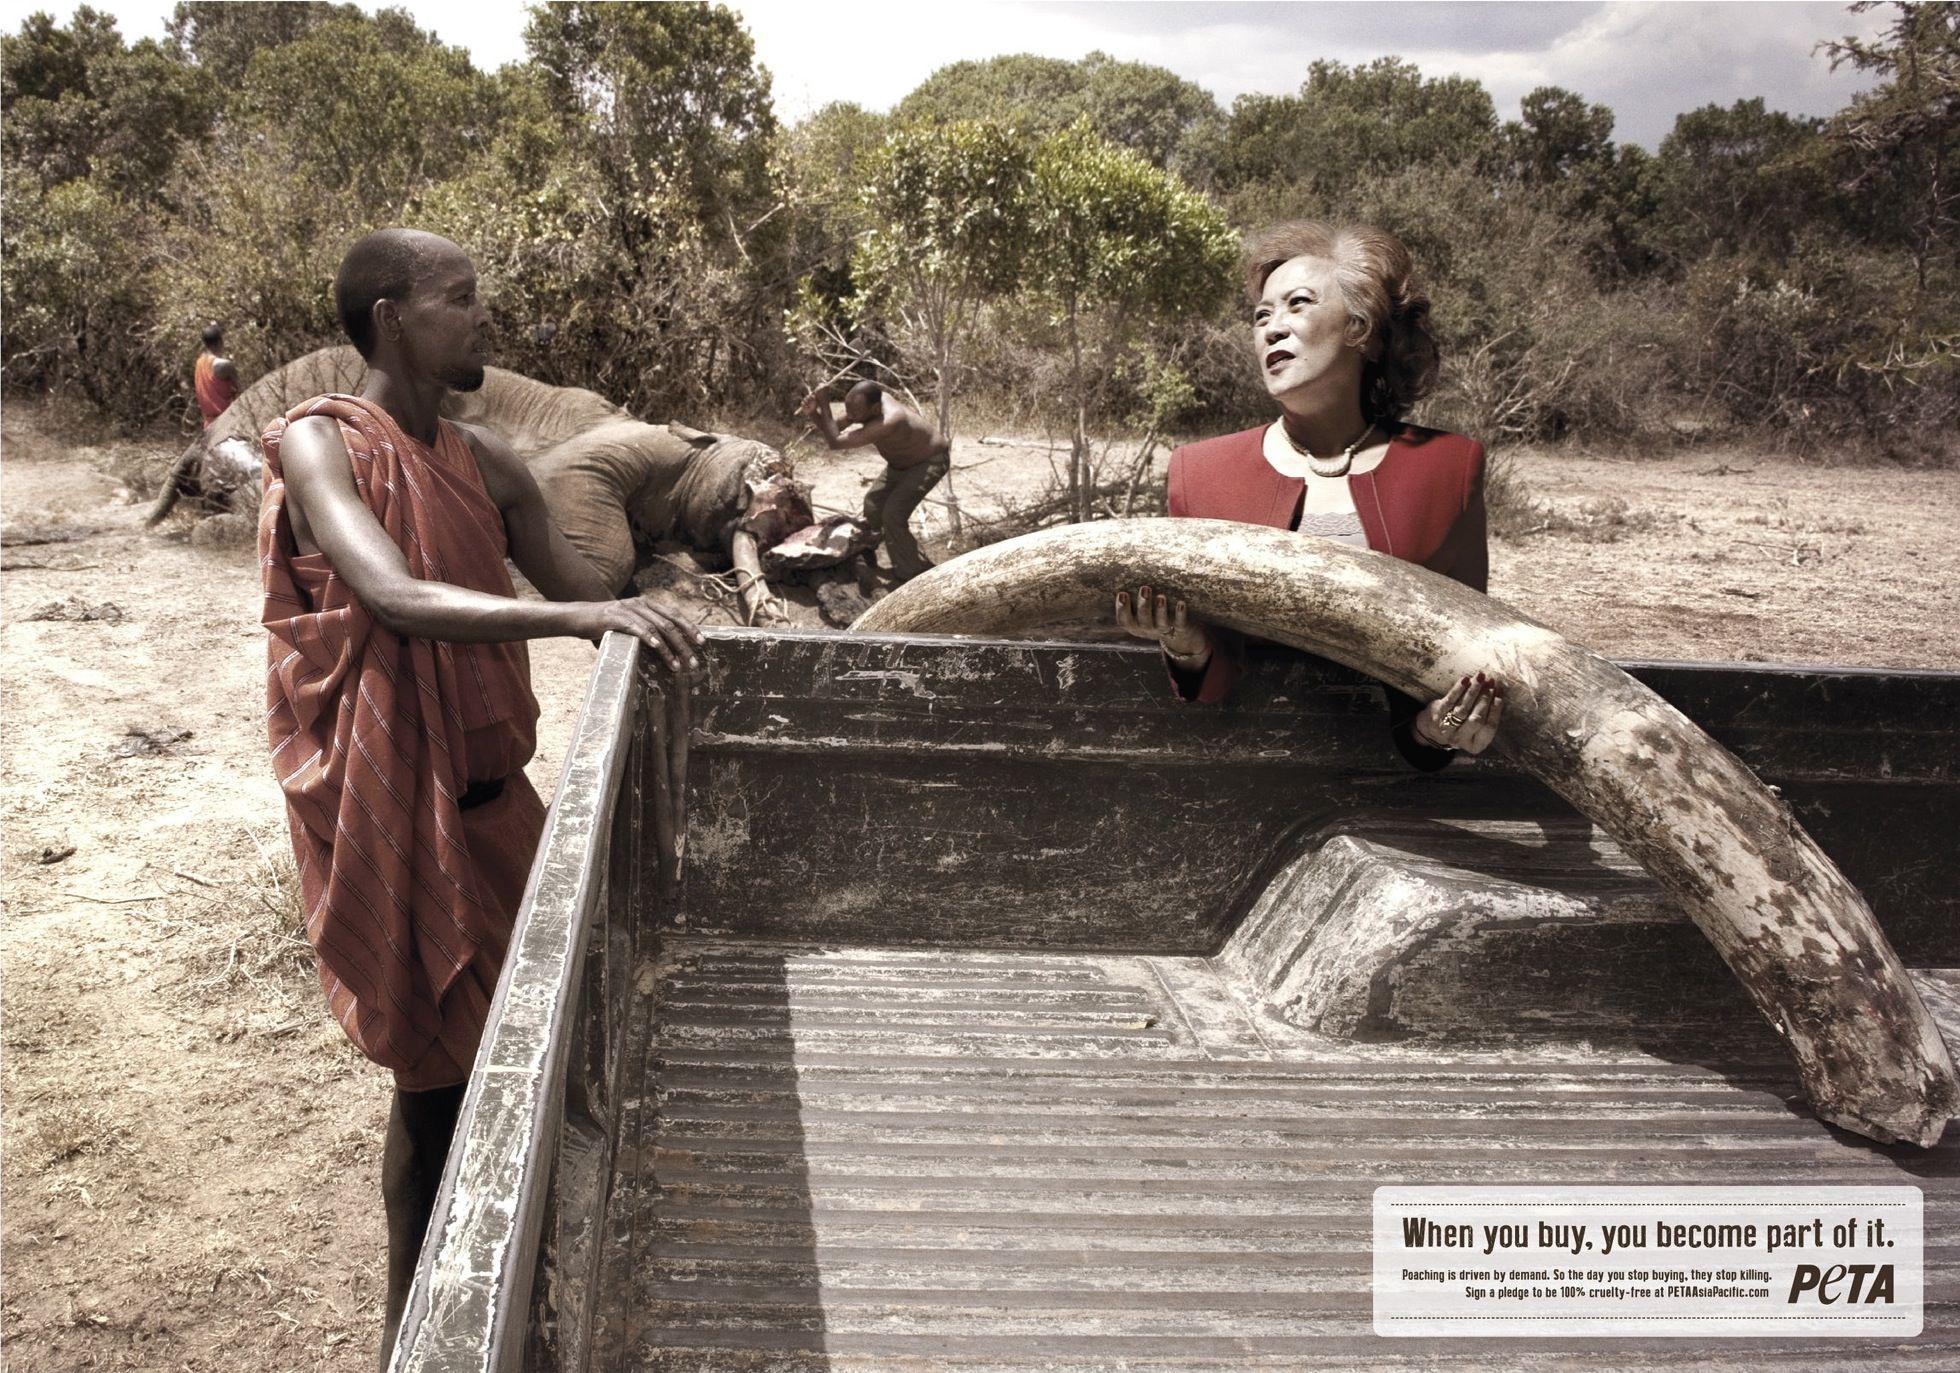 peta-elephant-zebra-bear-con estampado de cocodrilo-360959-adeevee